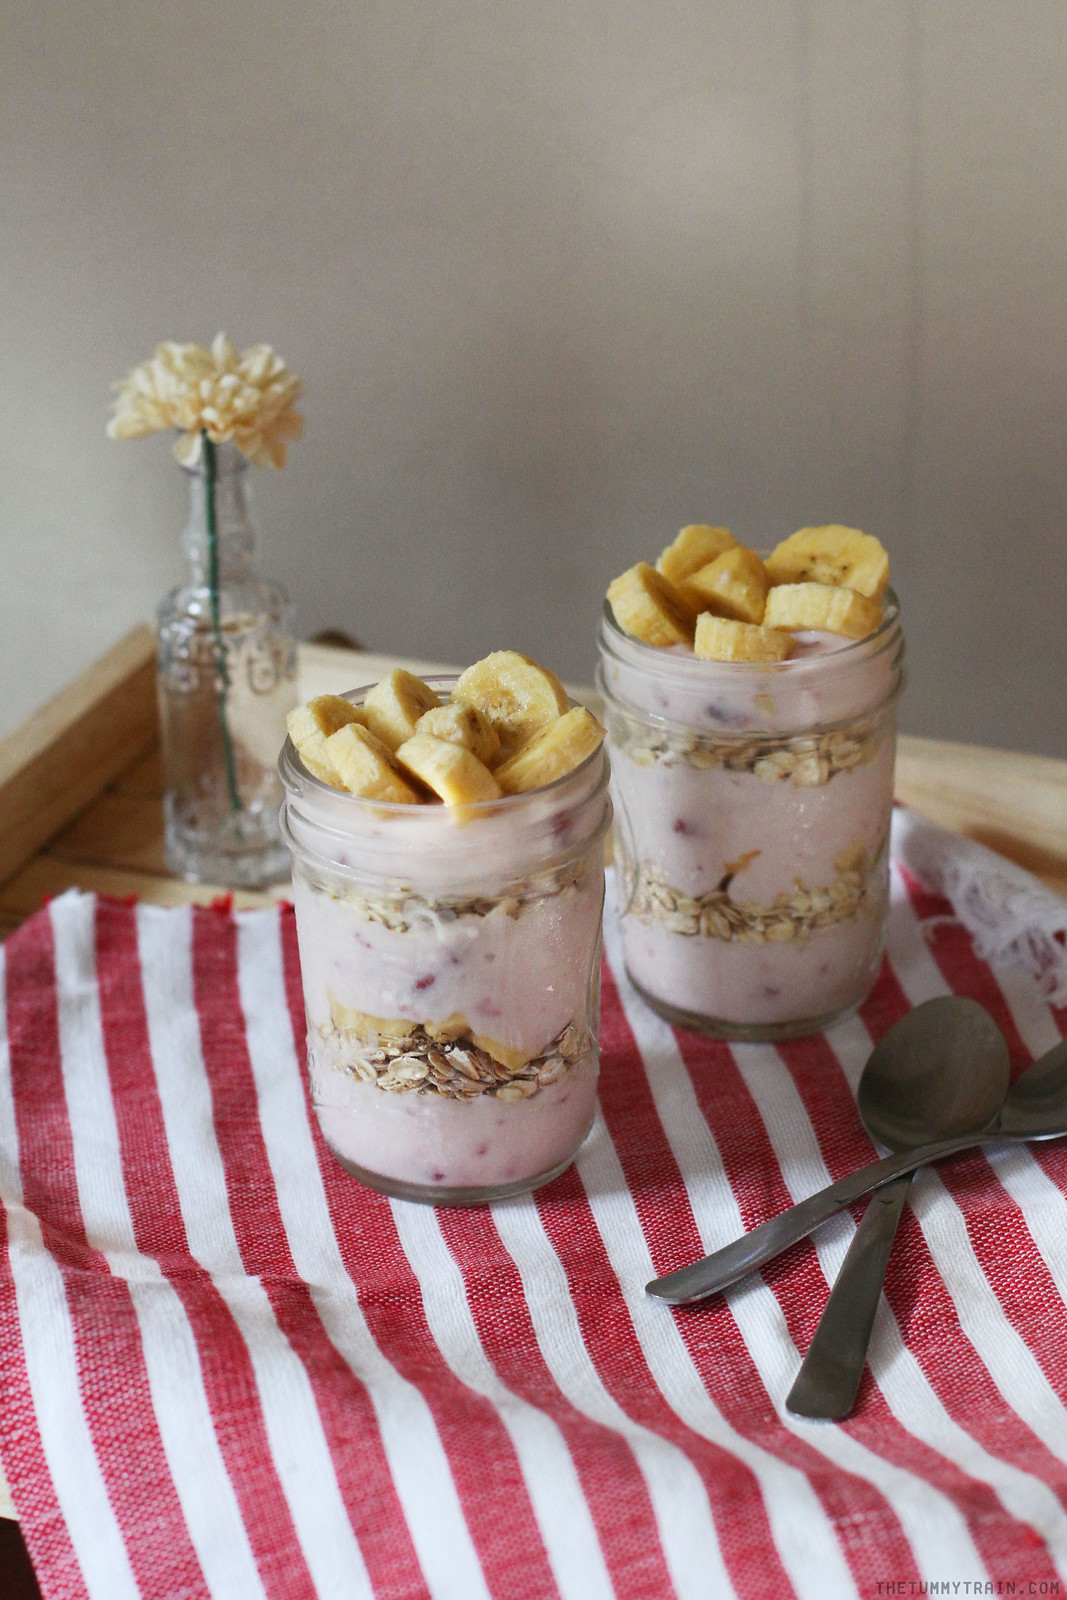 29975501412 56ca68793b h - Why it's a-okay to start the day with a bowl of Quaker Oats